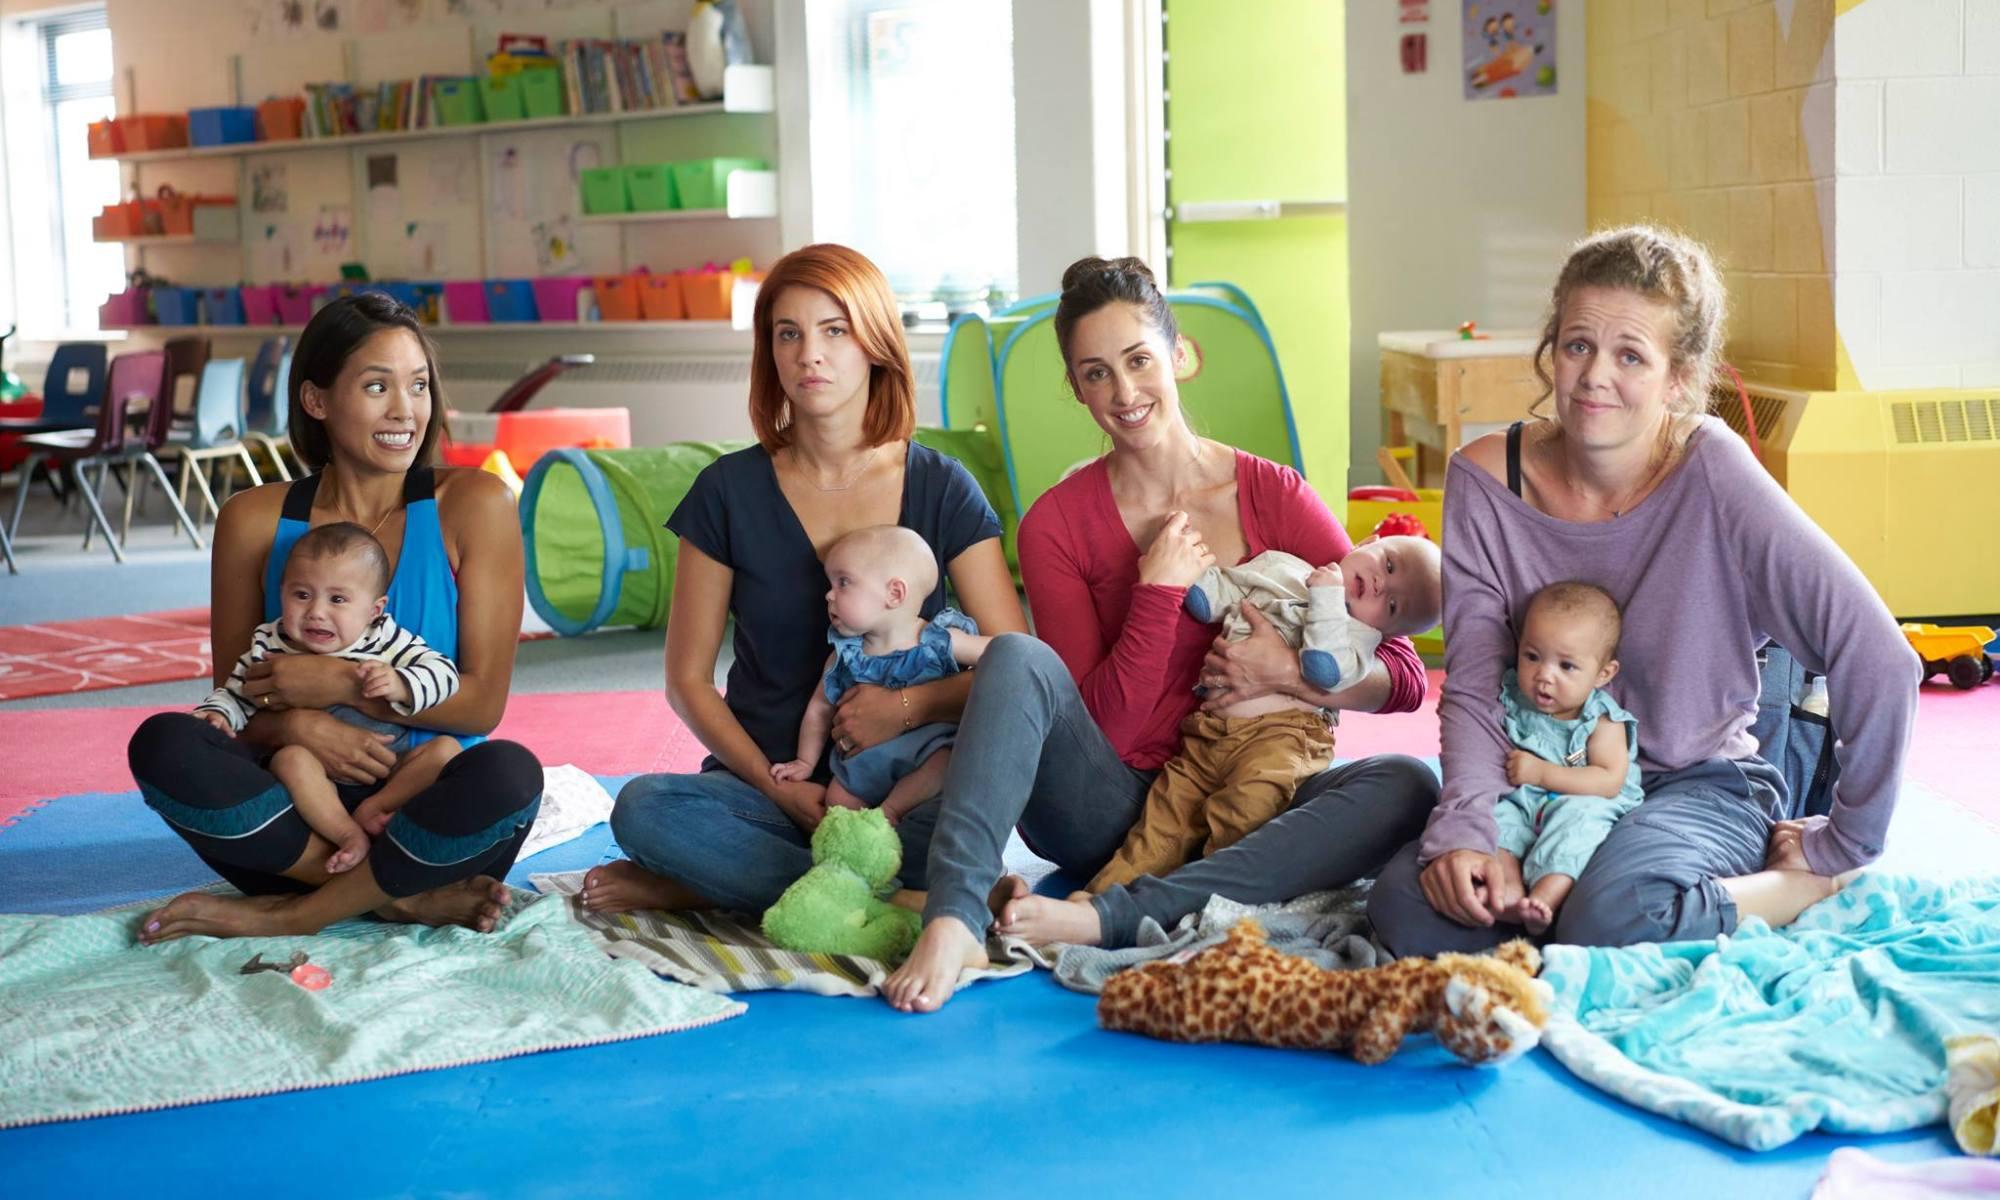 groupe de femmes tenant bébés